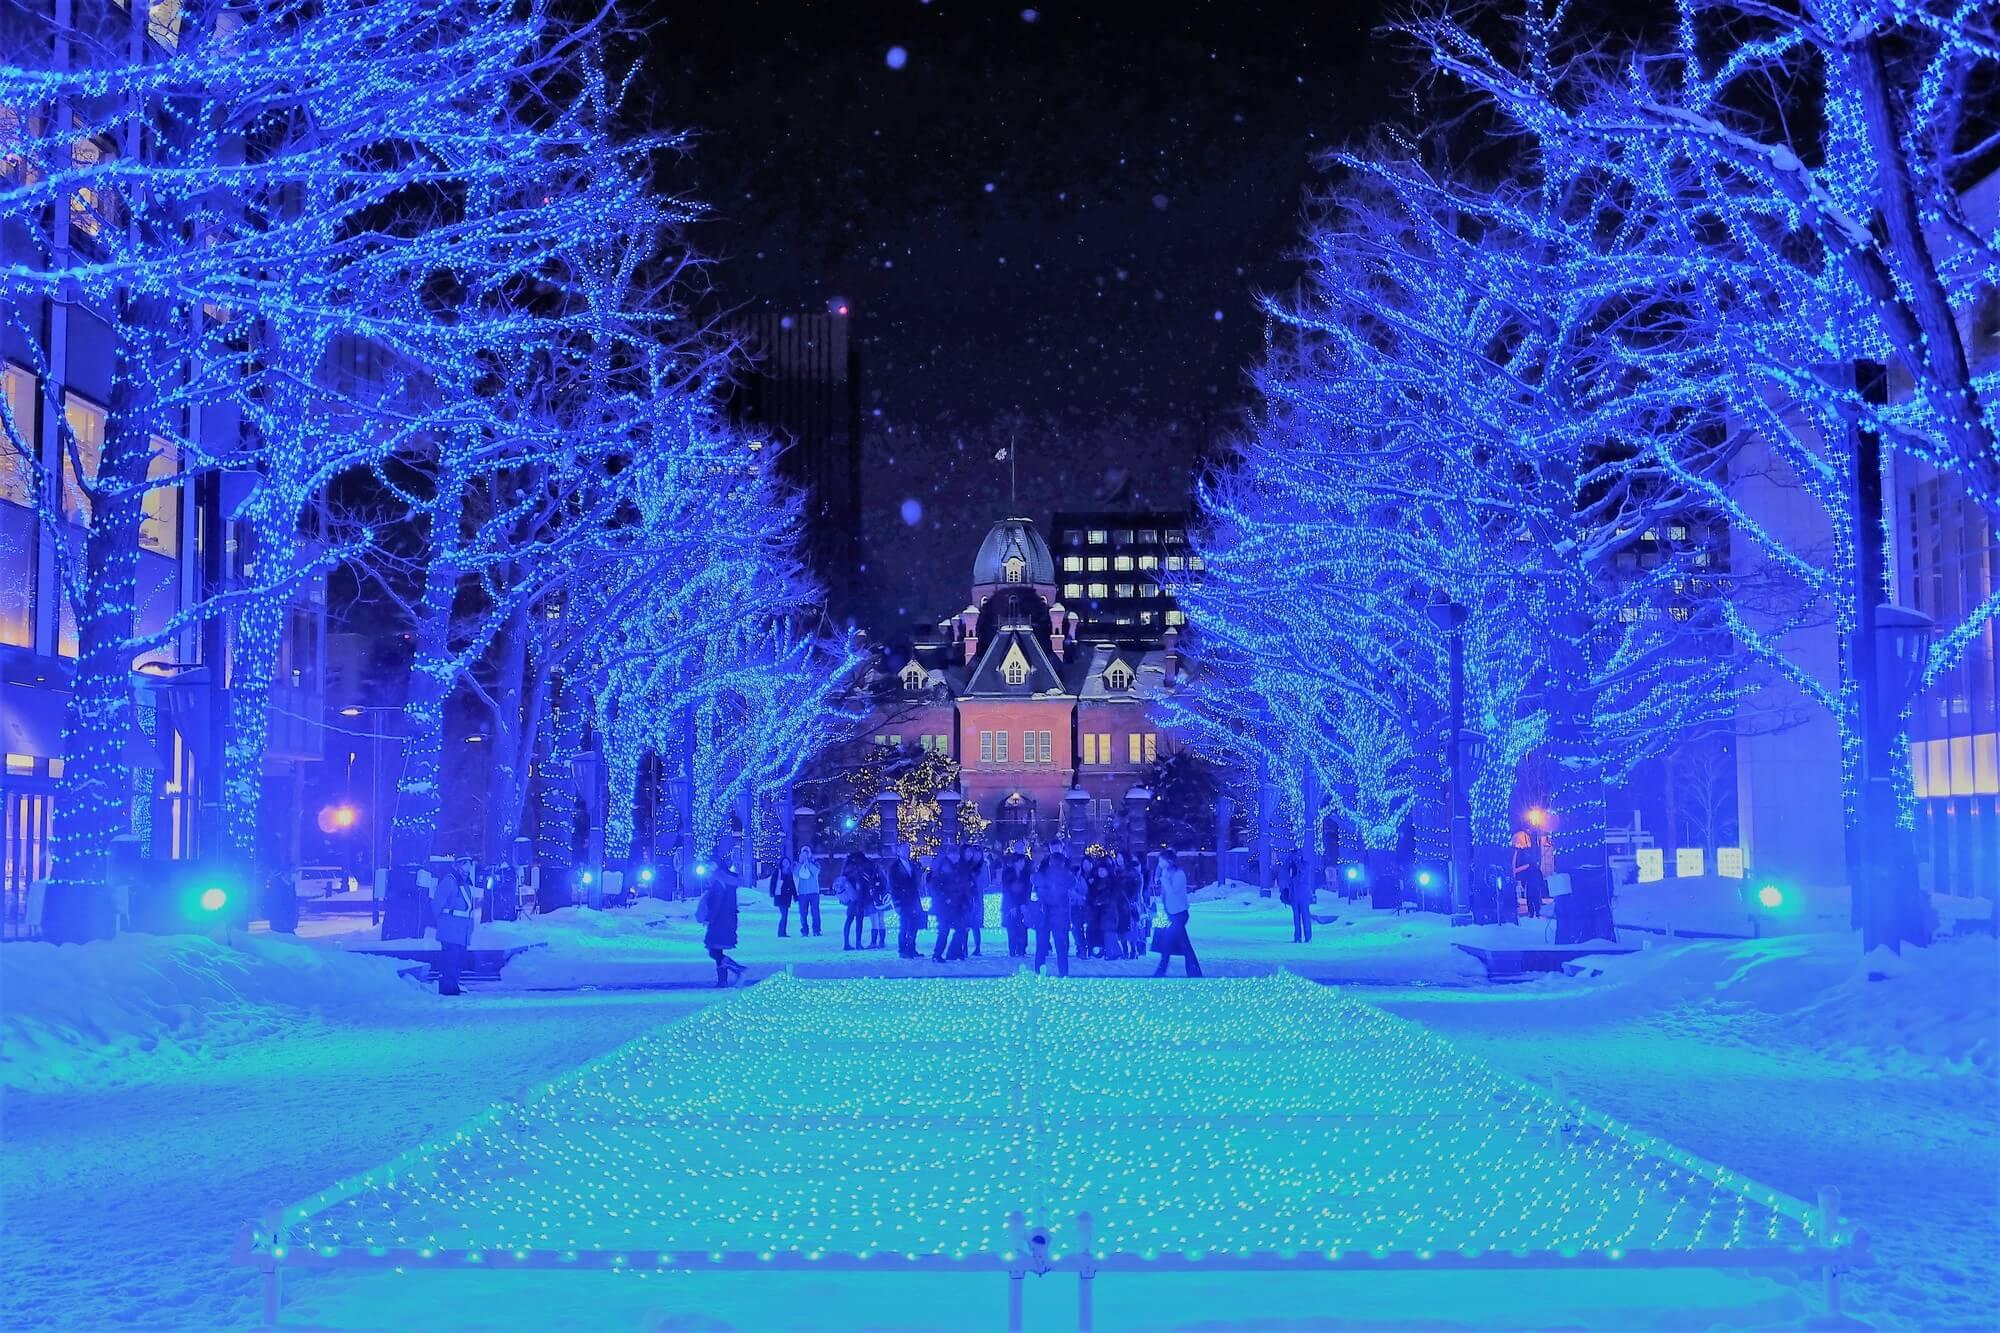 北海道_安い時期のイメージ画像